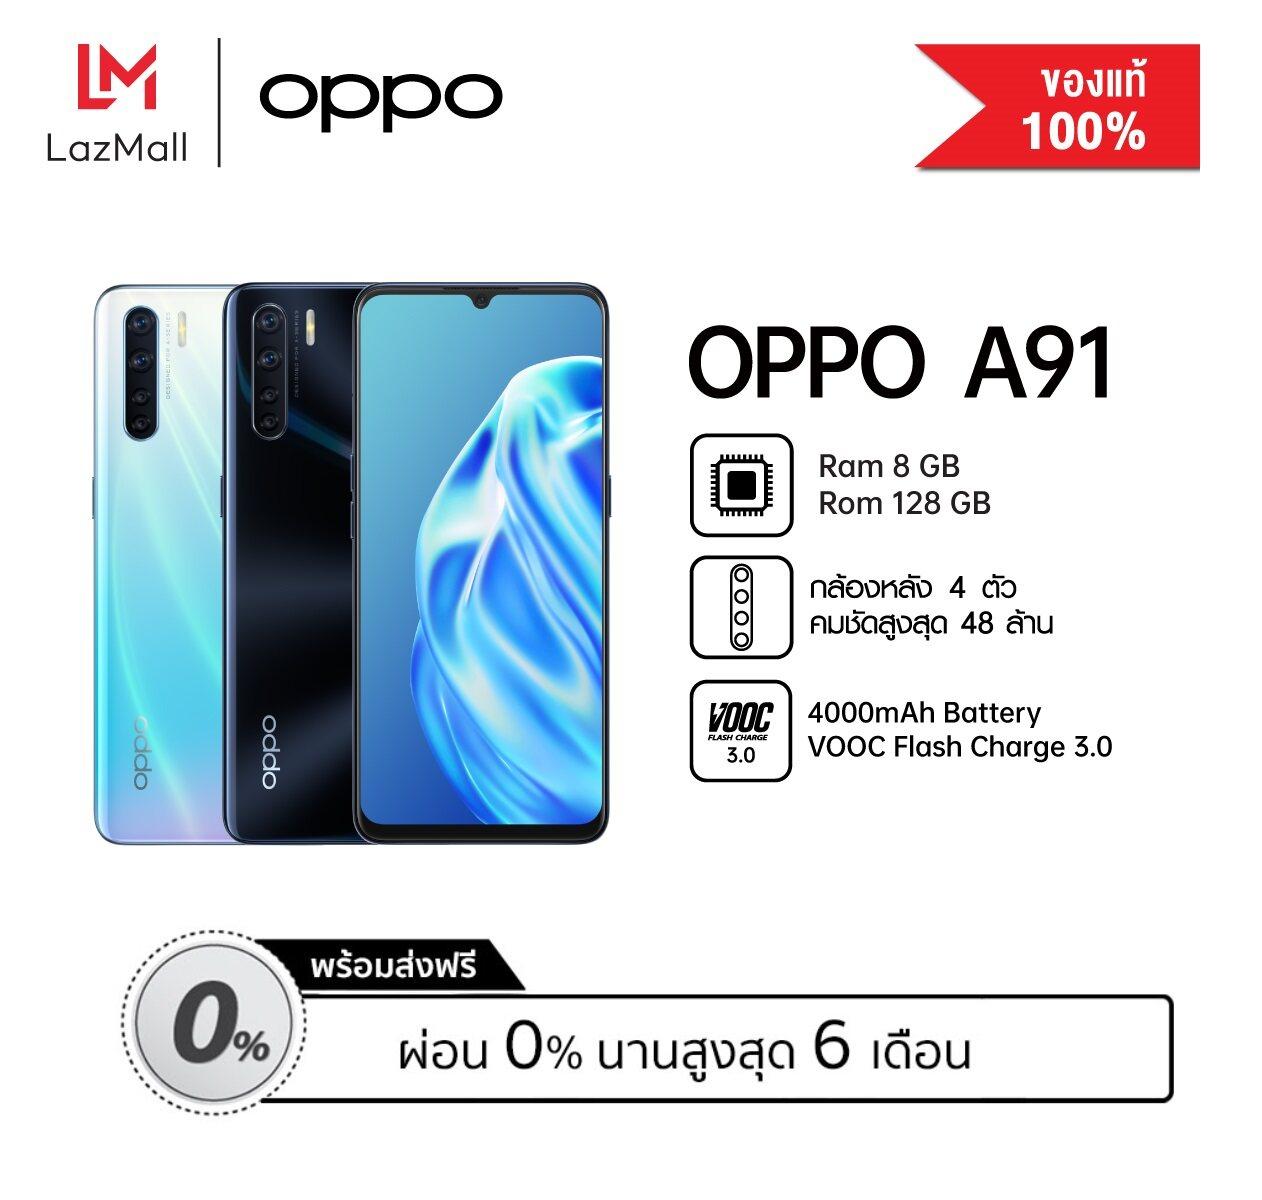 OPPO A91 8G +128GB ดีไซน์บางเฉียบ + 48 MP กล้องหลัง 4